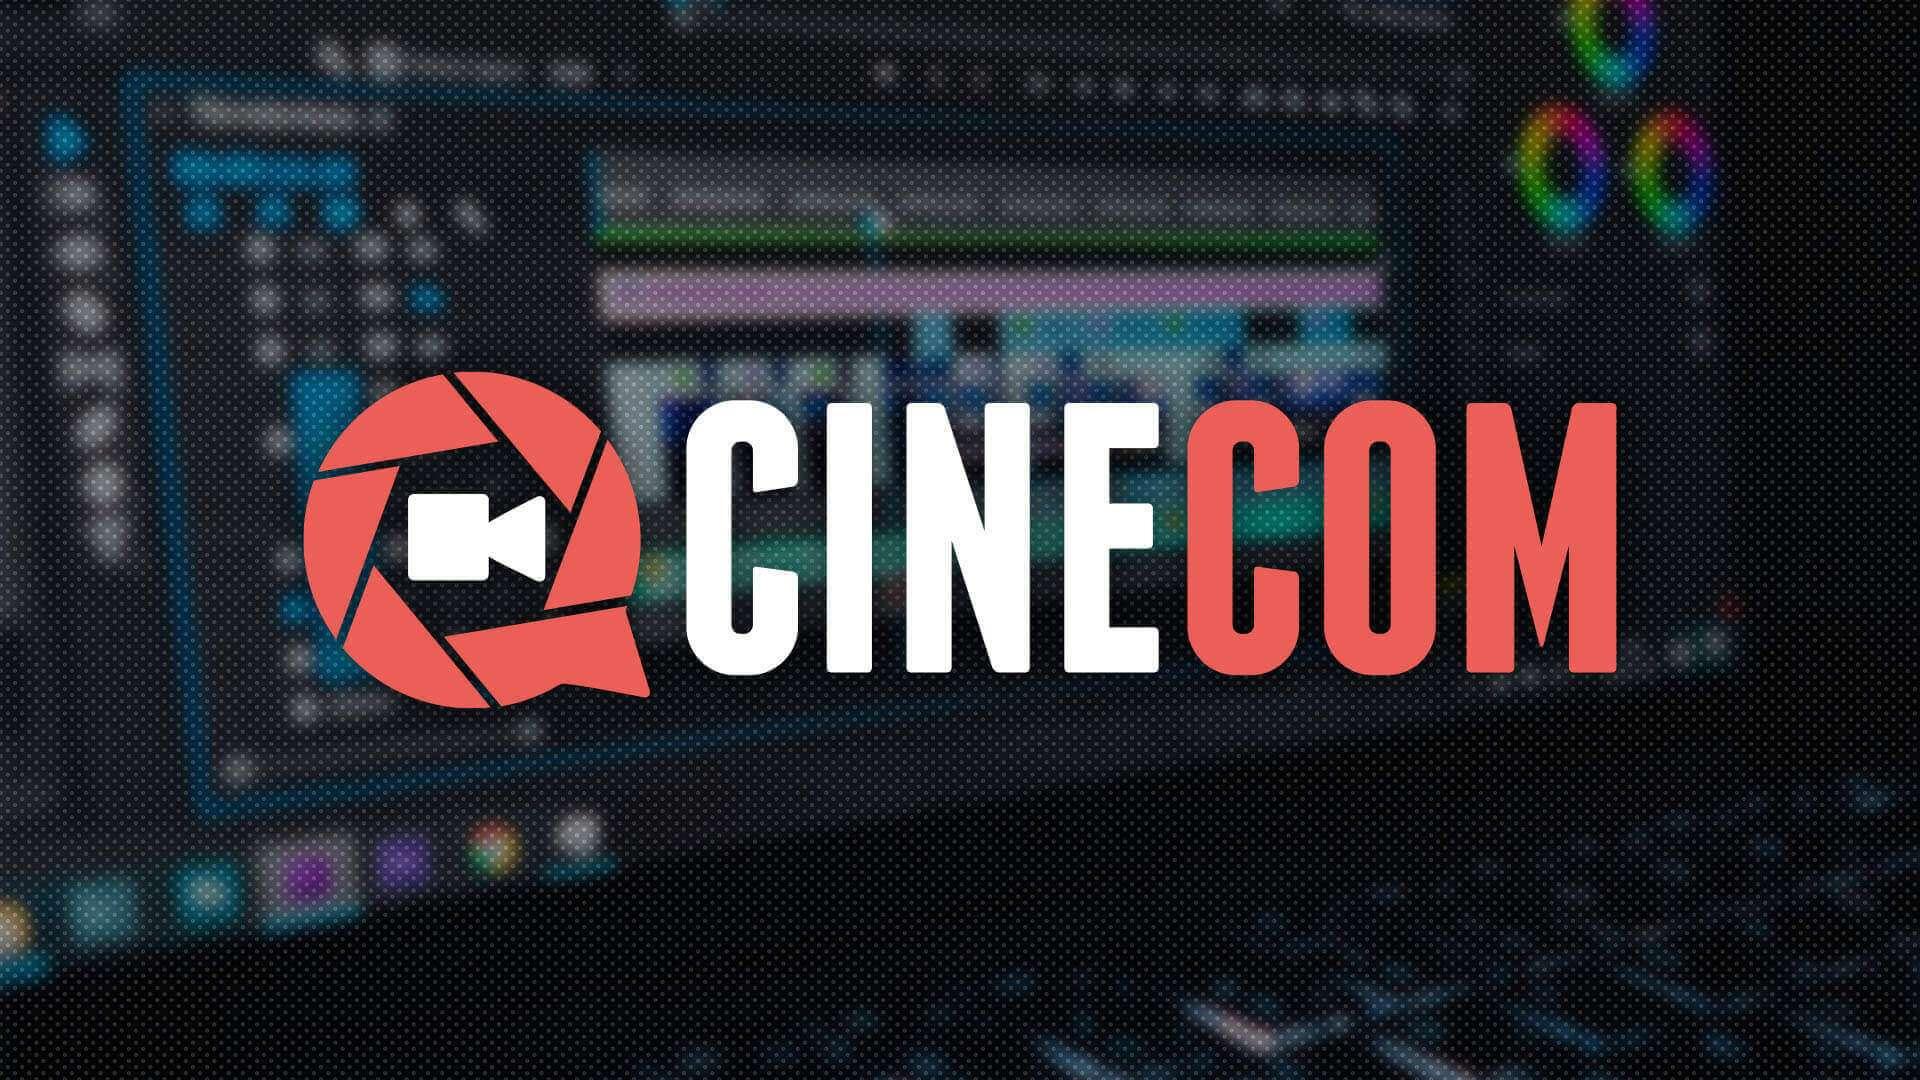 Cinecom